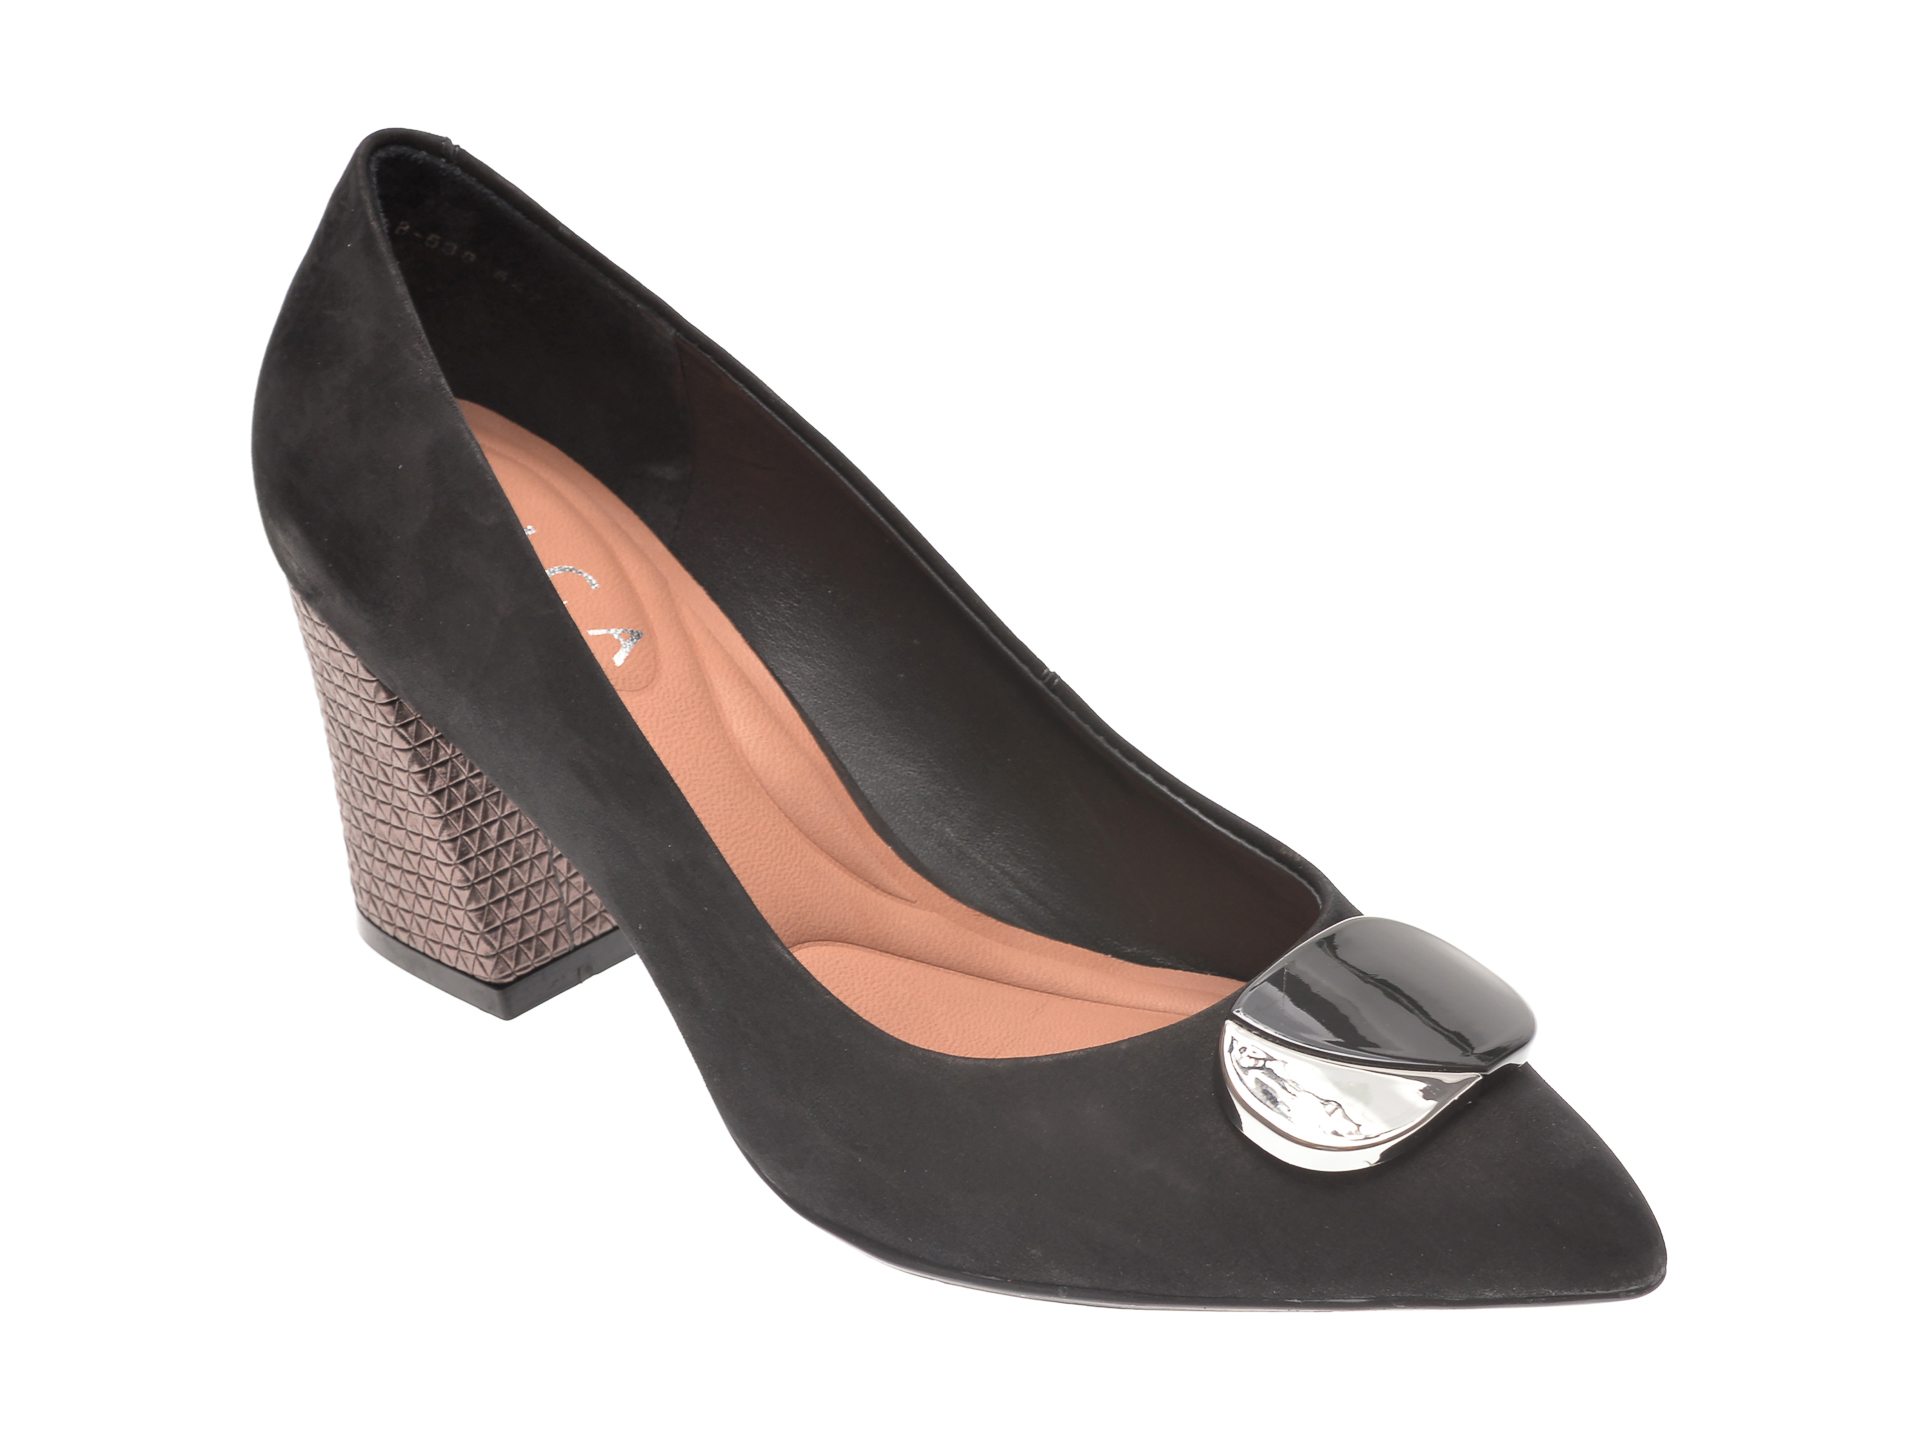 Pantofi EPICA negri, 9628538, din nabuc imagine otter.ro 2021